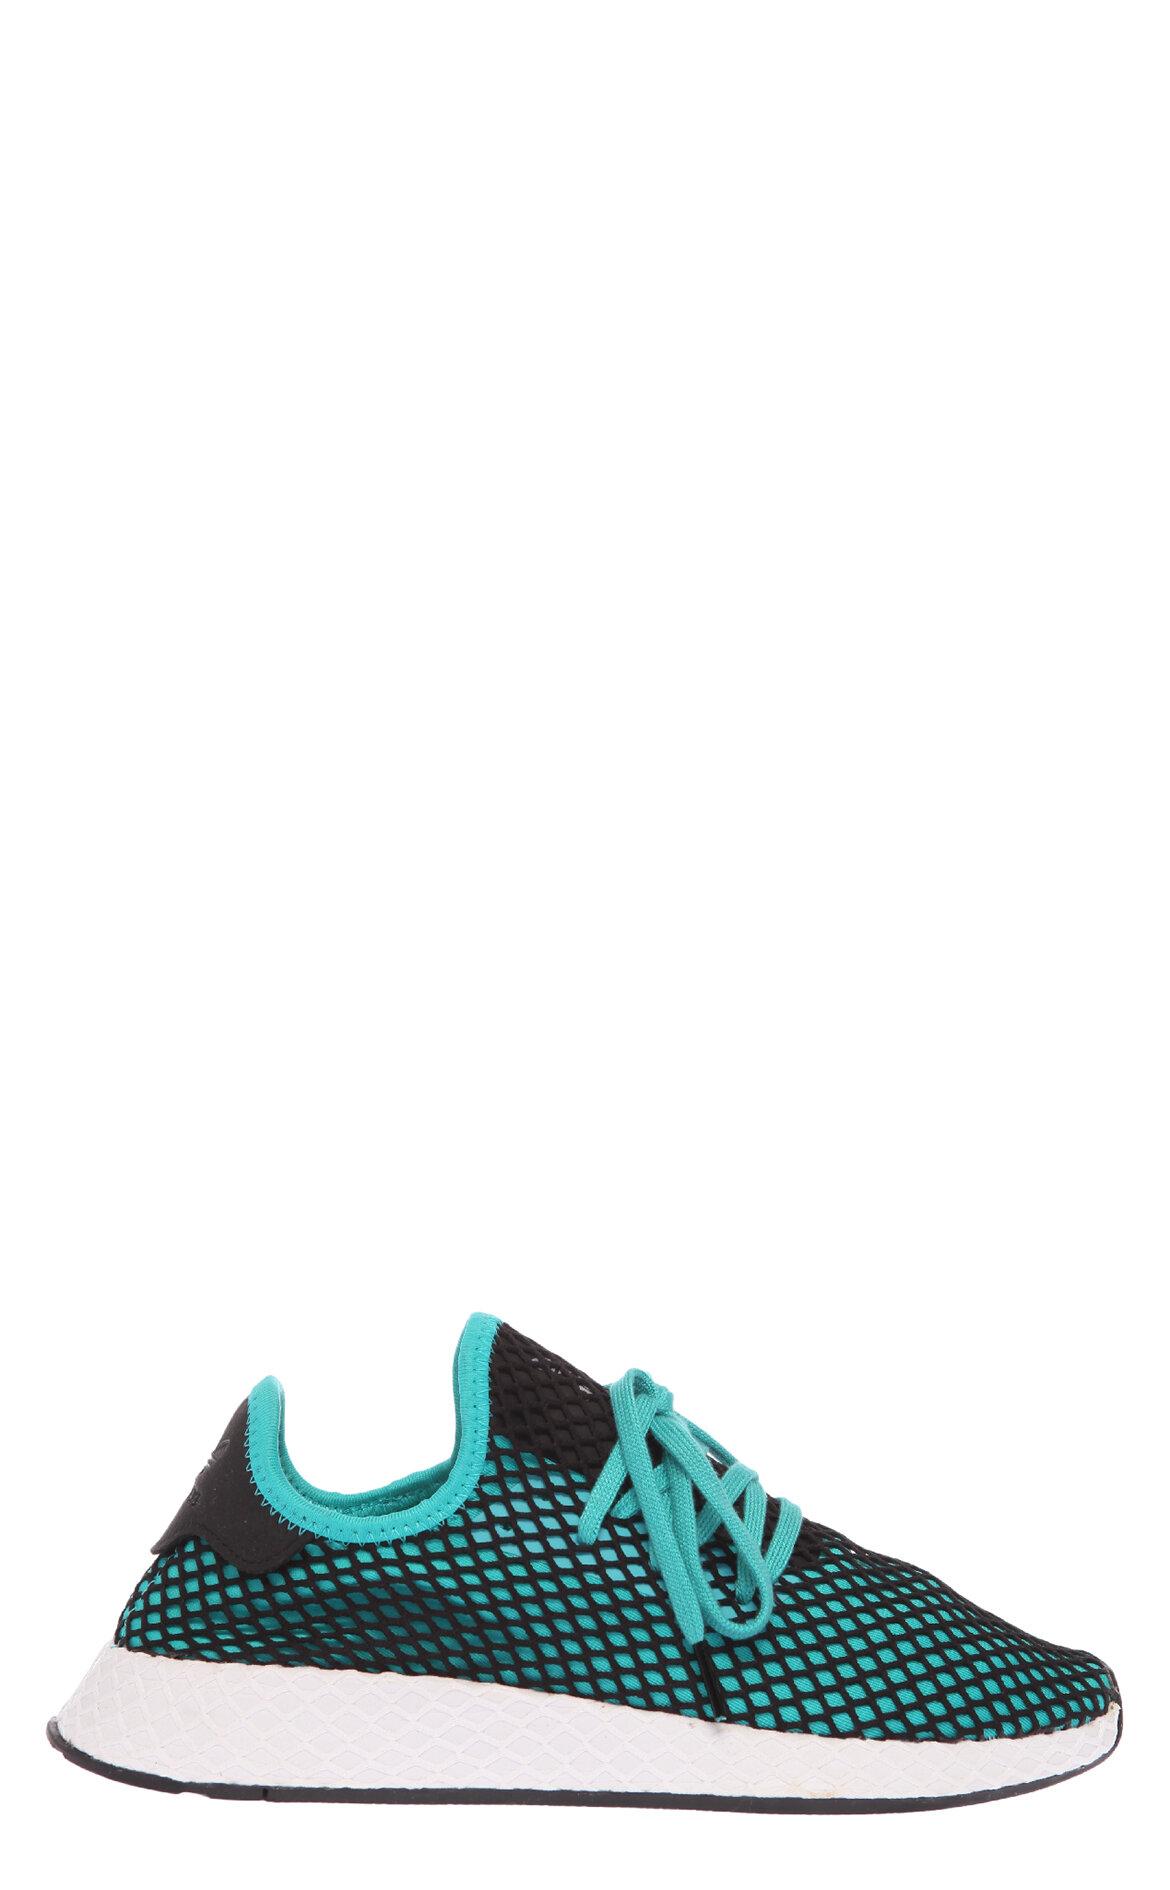 adidas originals Deerupt Runner Ayakkabı